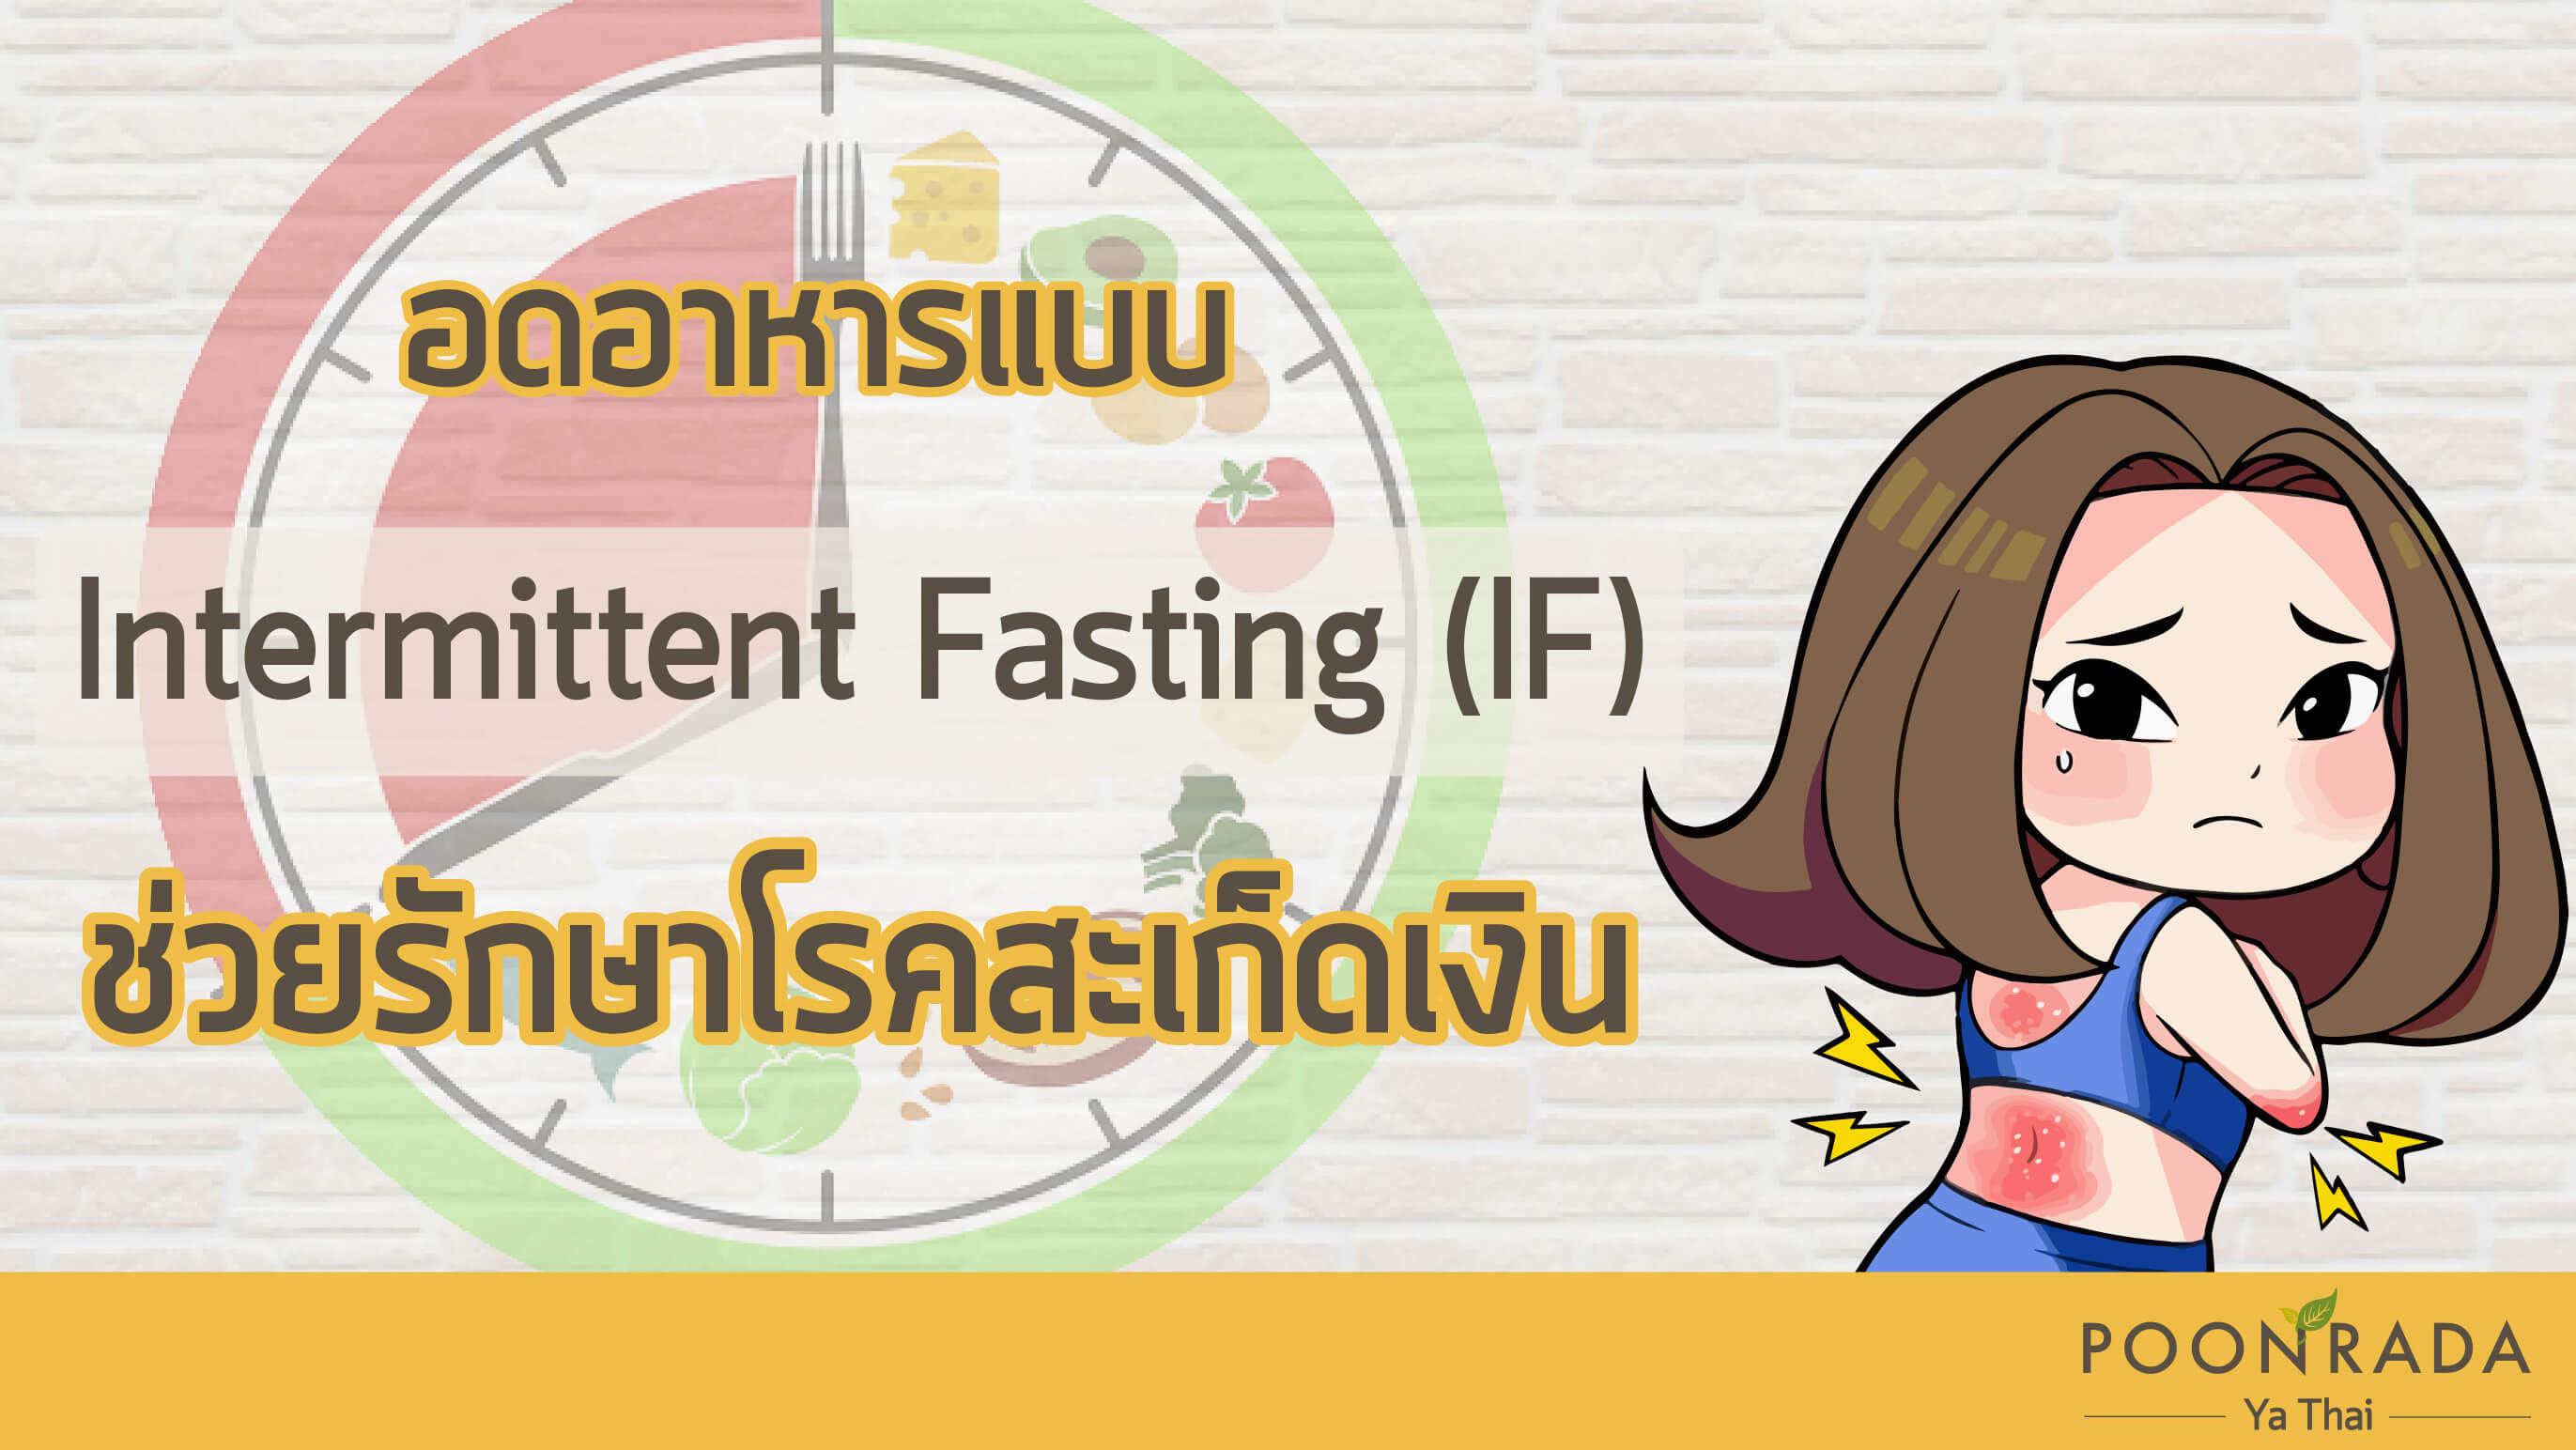 อดอาหารแบบ Intermittent Fasting (IF) ช่วยรักษาสะเก็ดเงิน